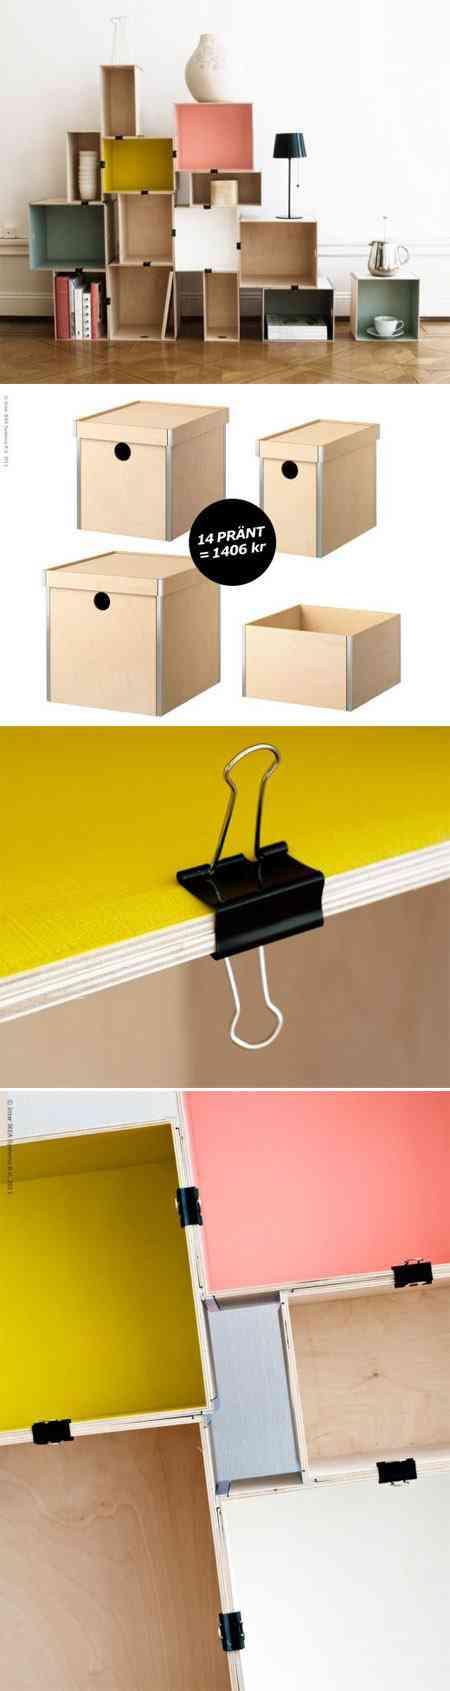 DIYの参考になる画像を貼るトピ